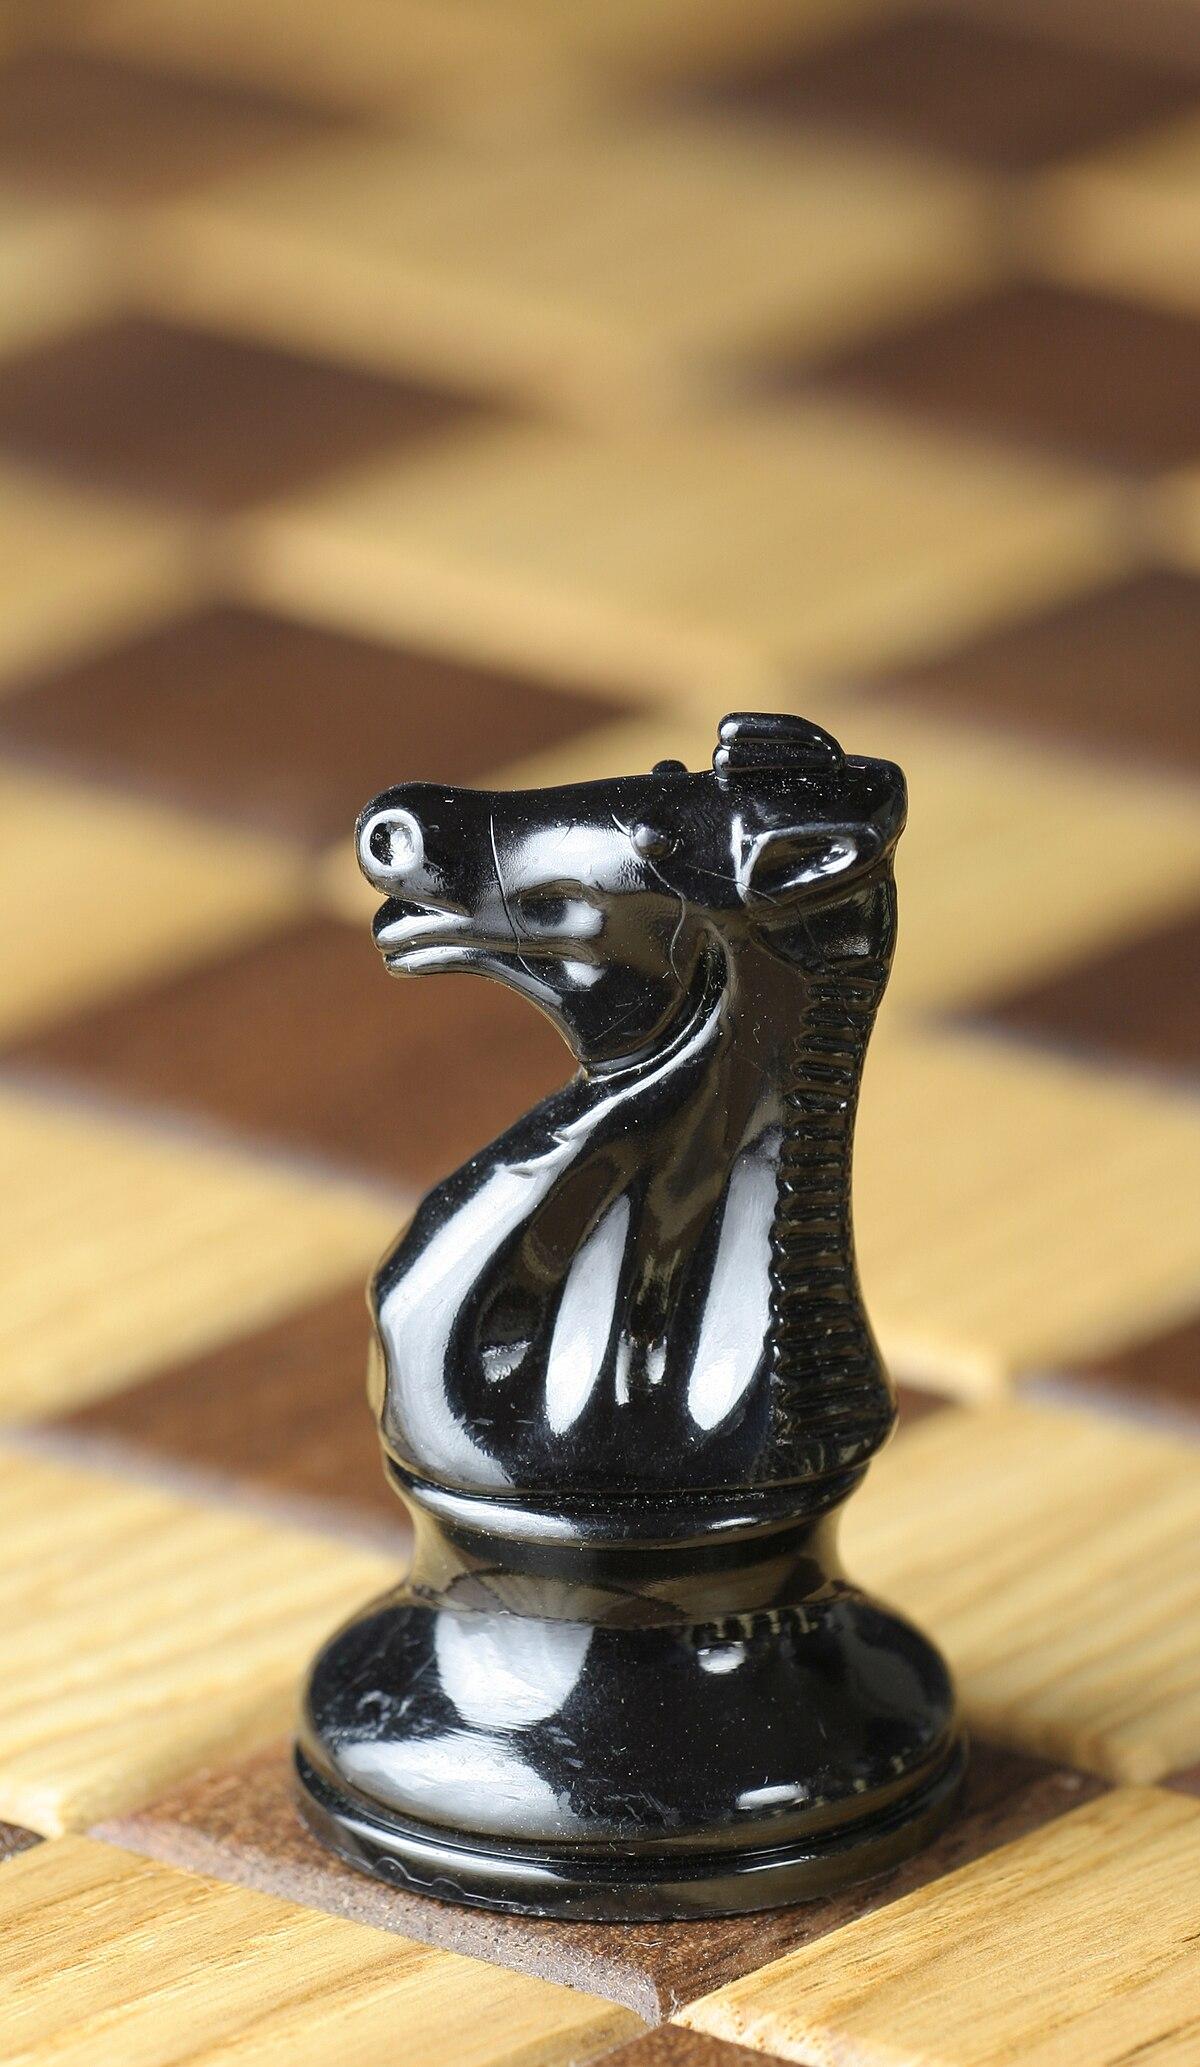 Caballo ajedrez wikipedia la enciclopedia libre for Piezas de la regadera